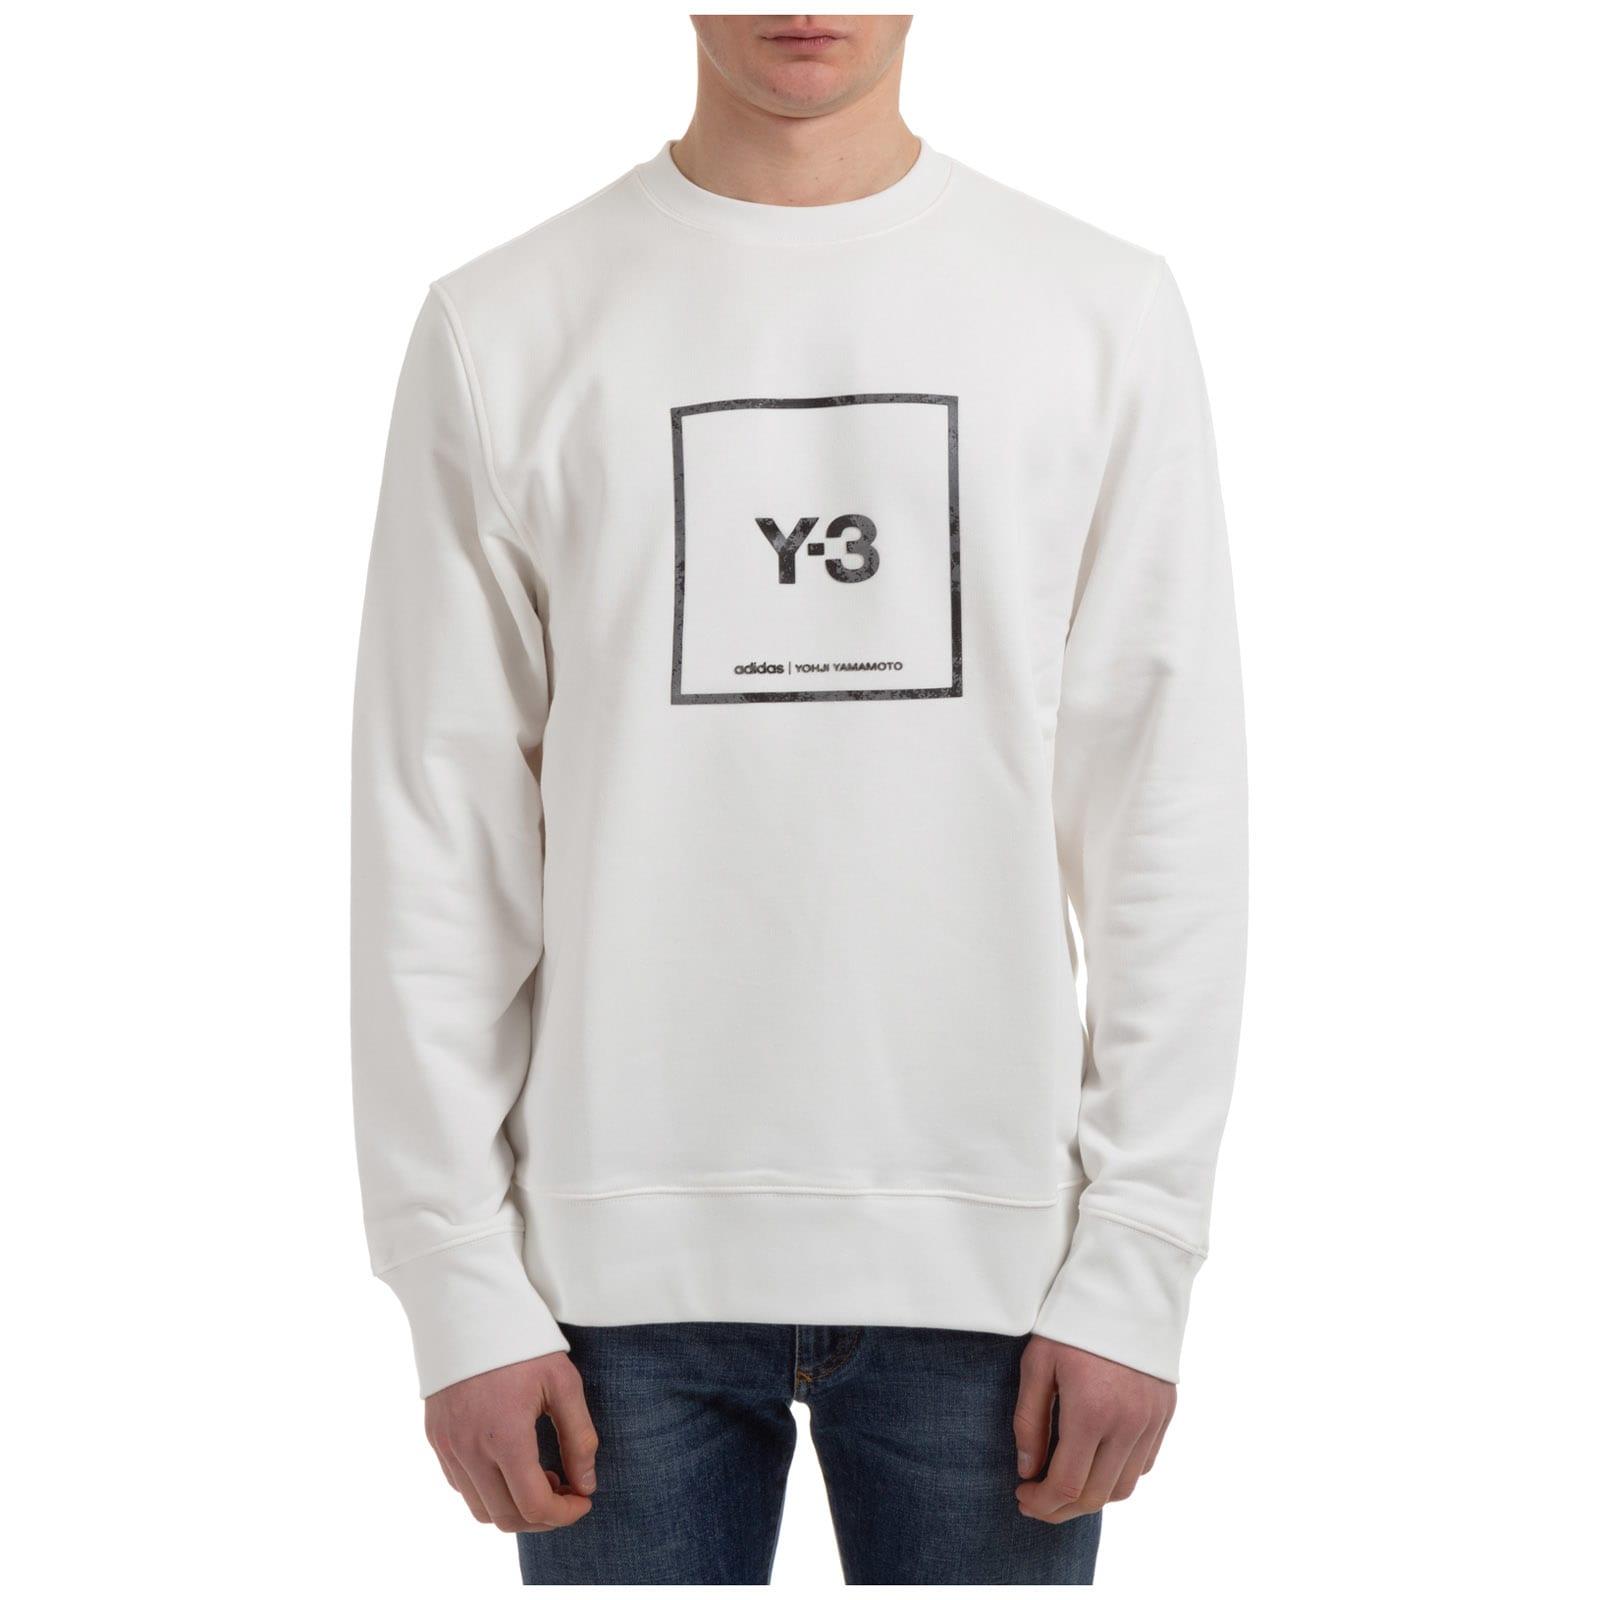 Y-3 Cottons FRANCY SWEATSHIRT